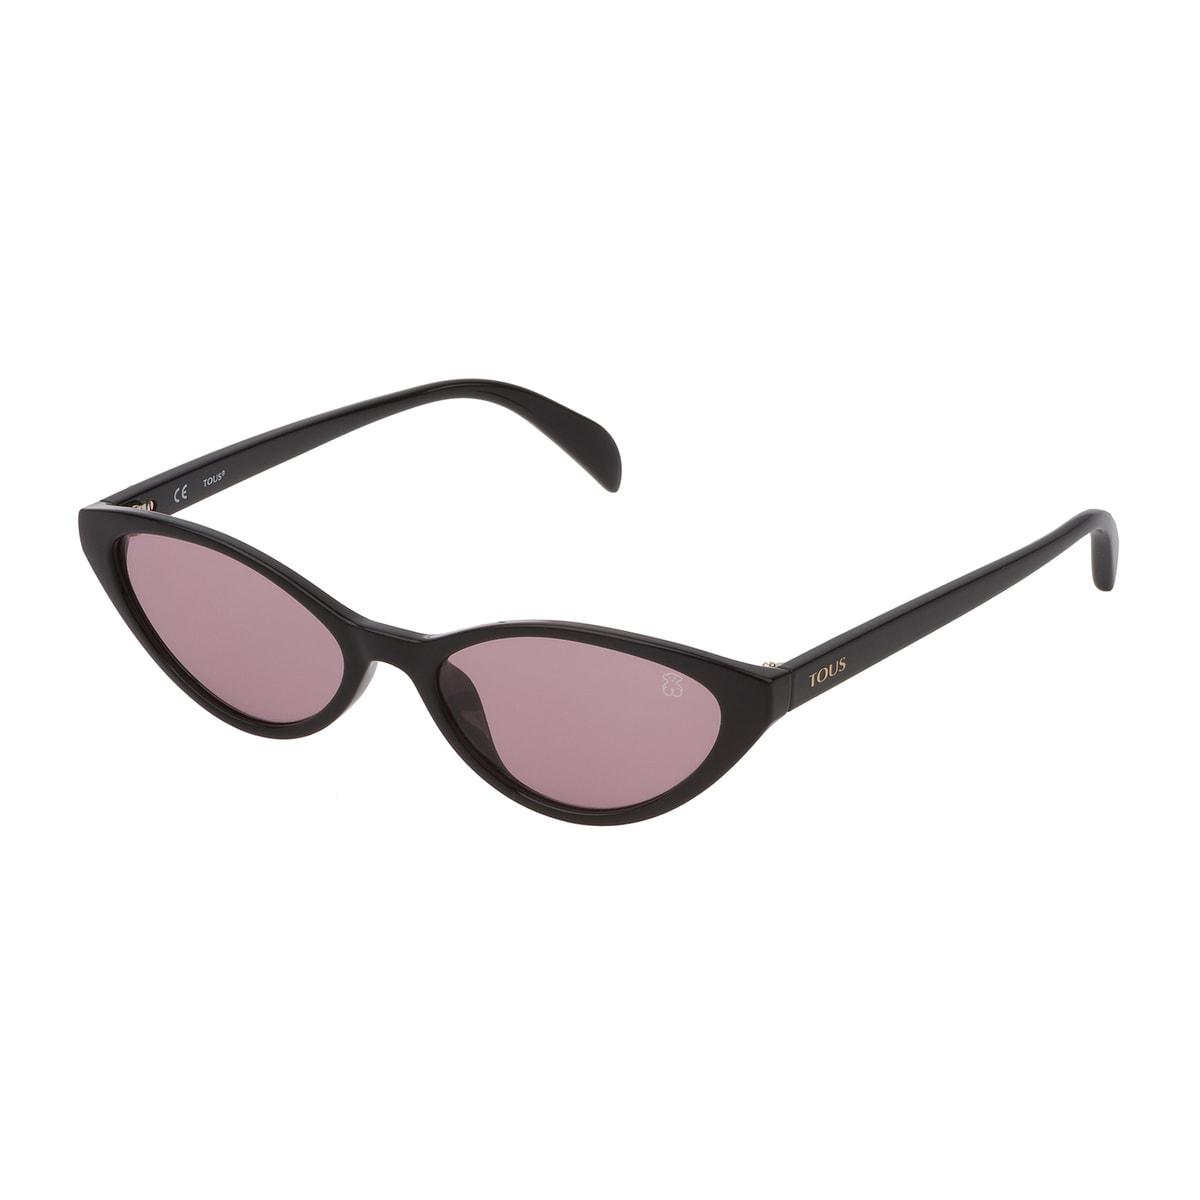 Gafas de sol Bear Cat Eye de acetato en color negro